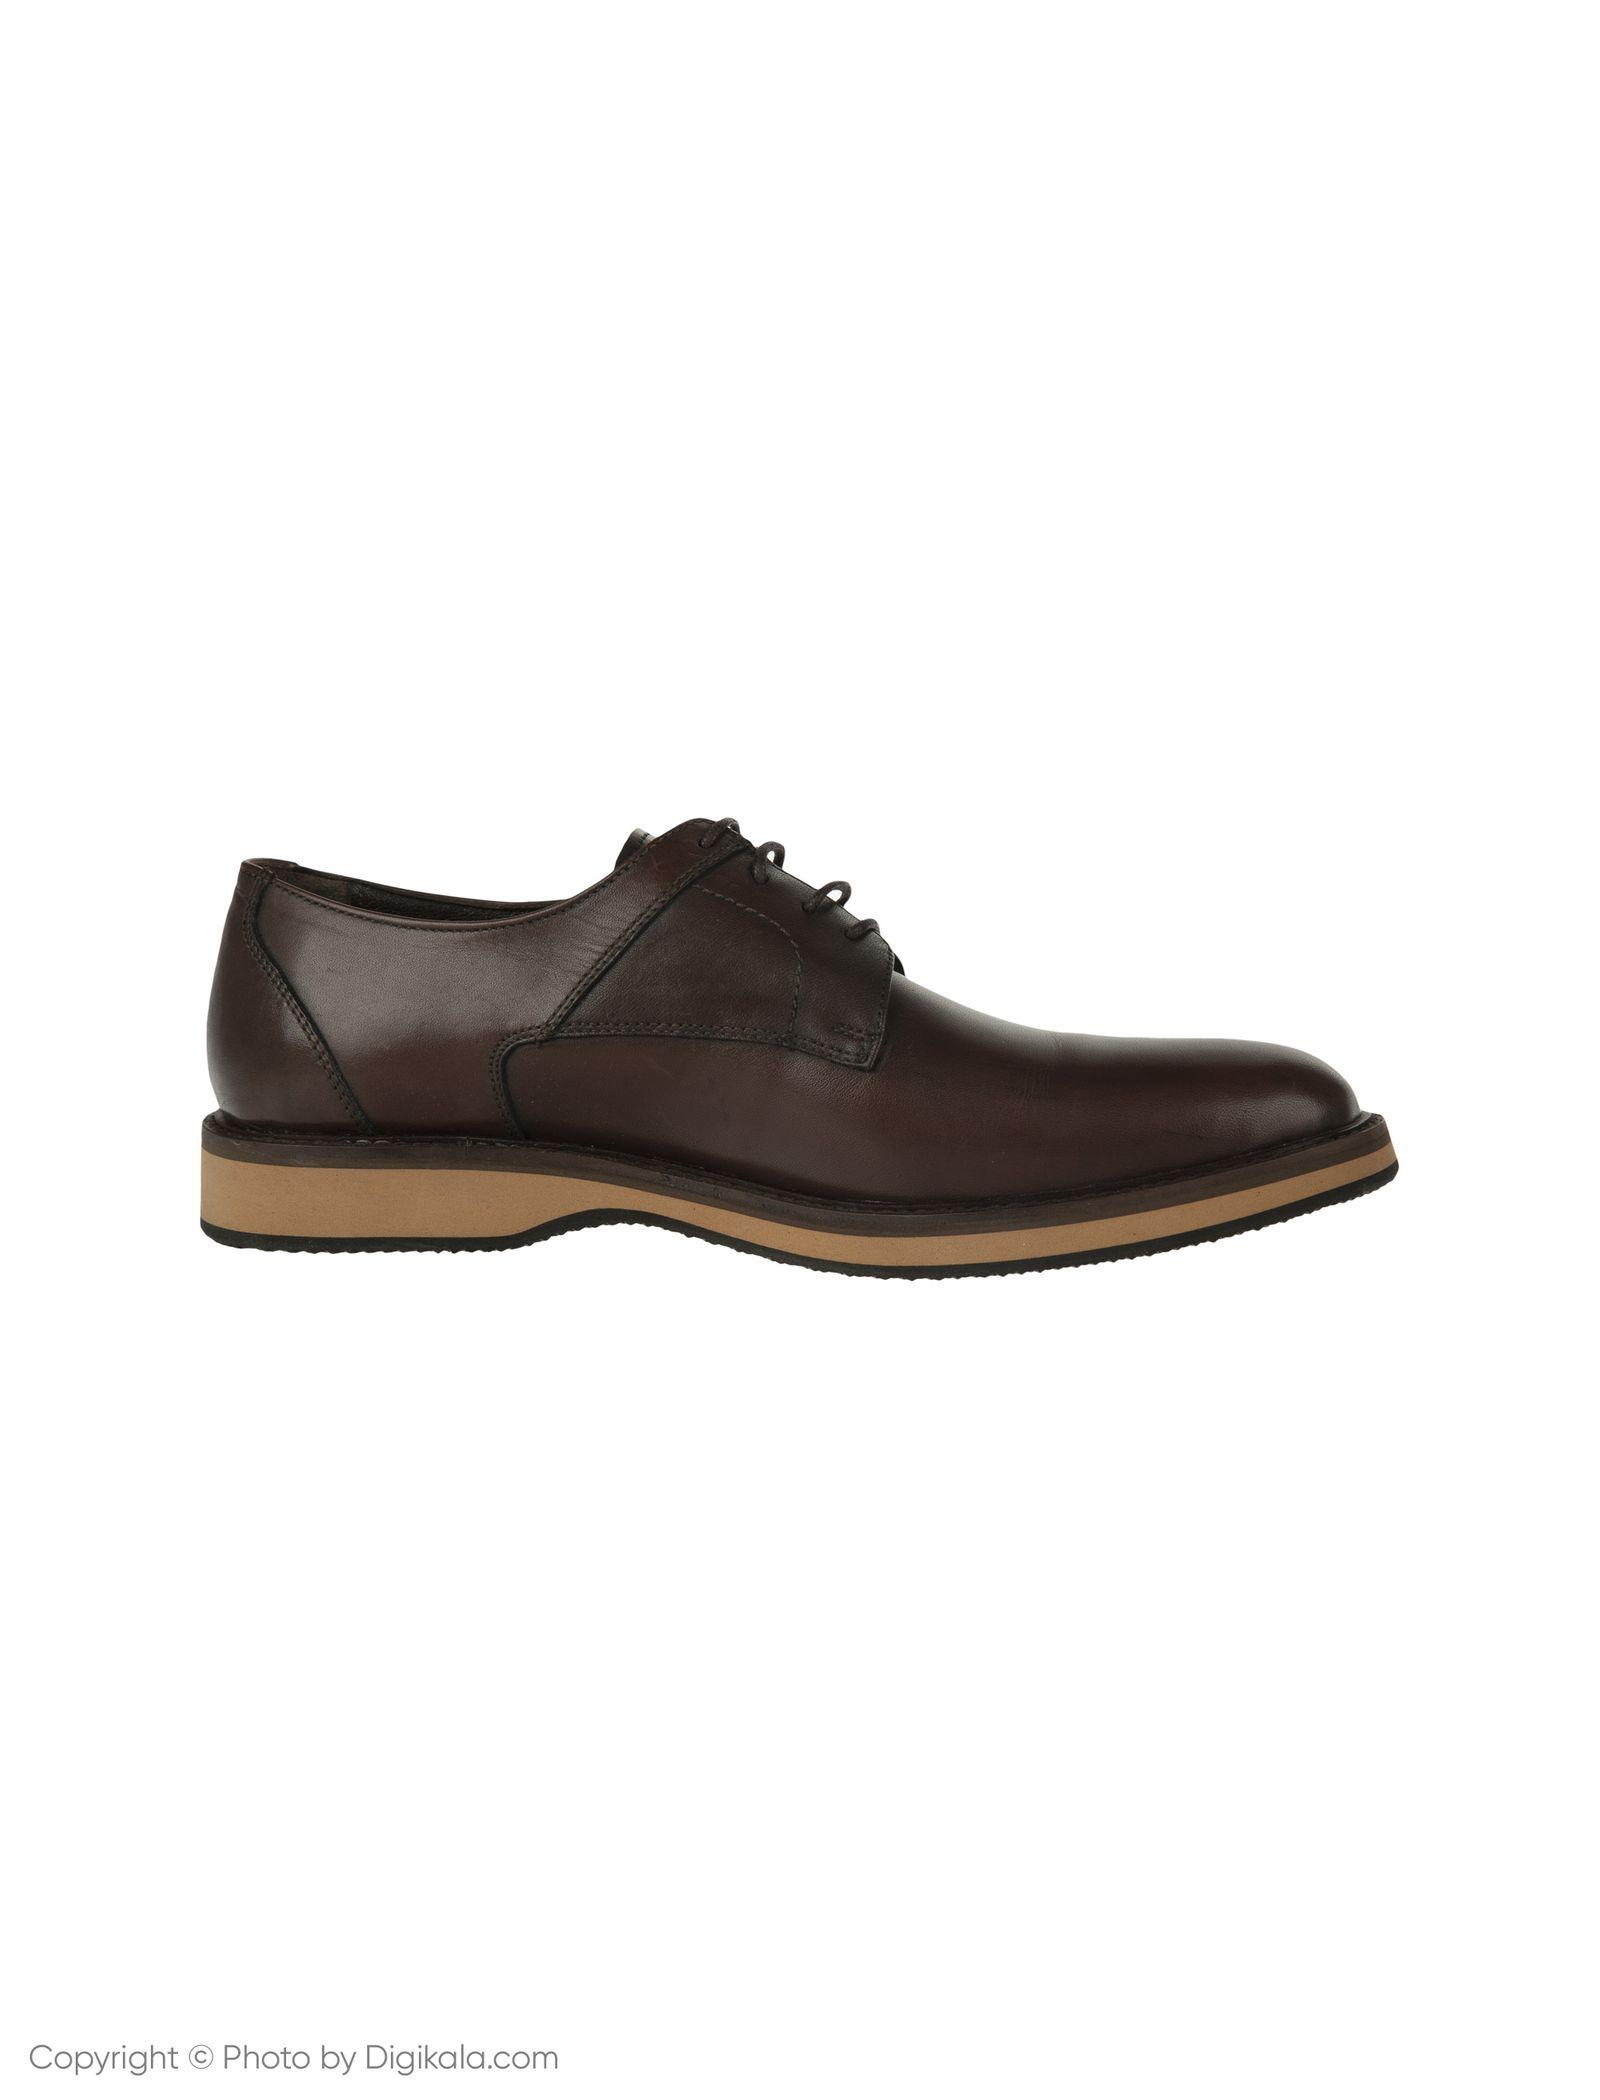 کفش مردانه ساتین مدل SN7179A-104 -  - 2